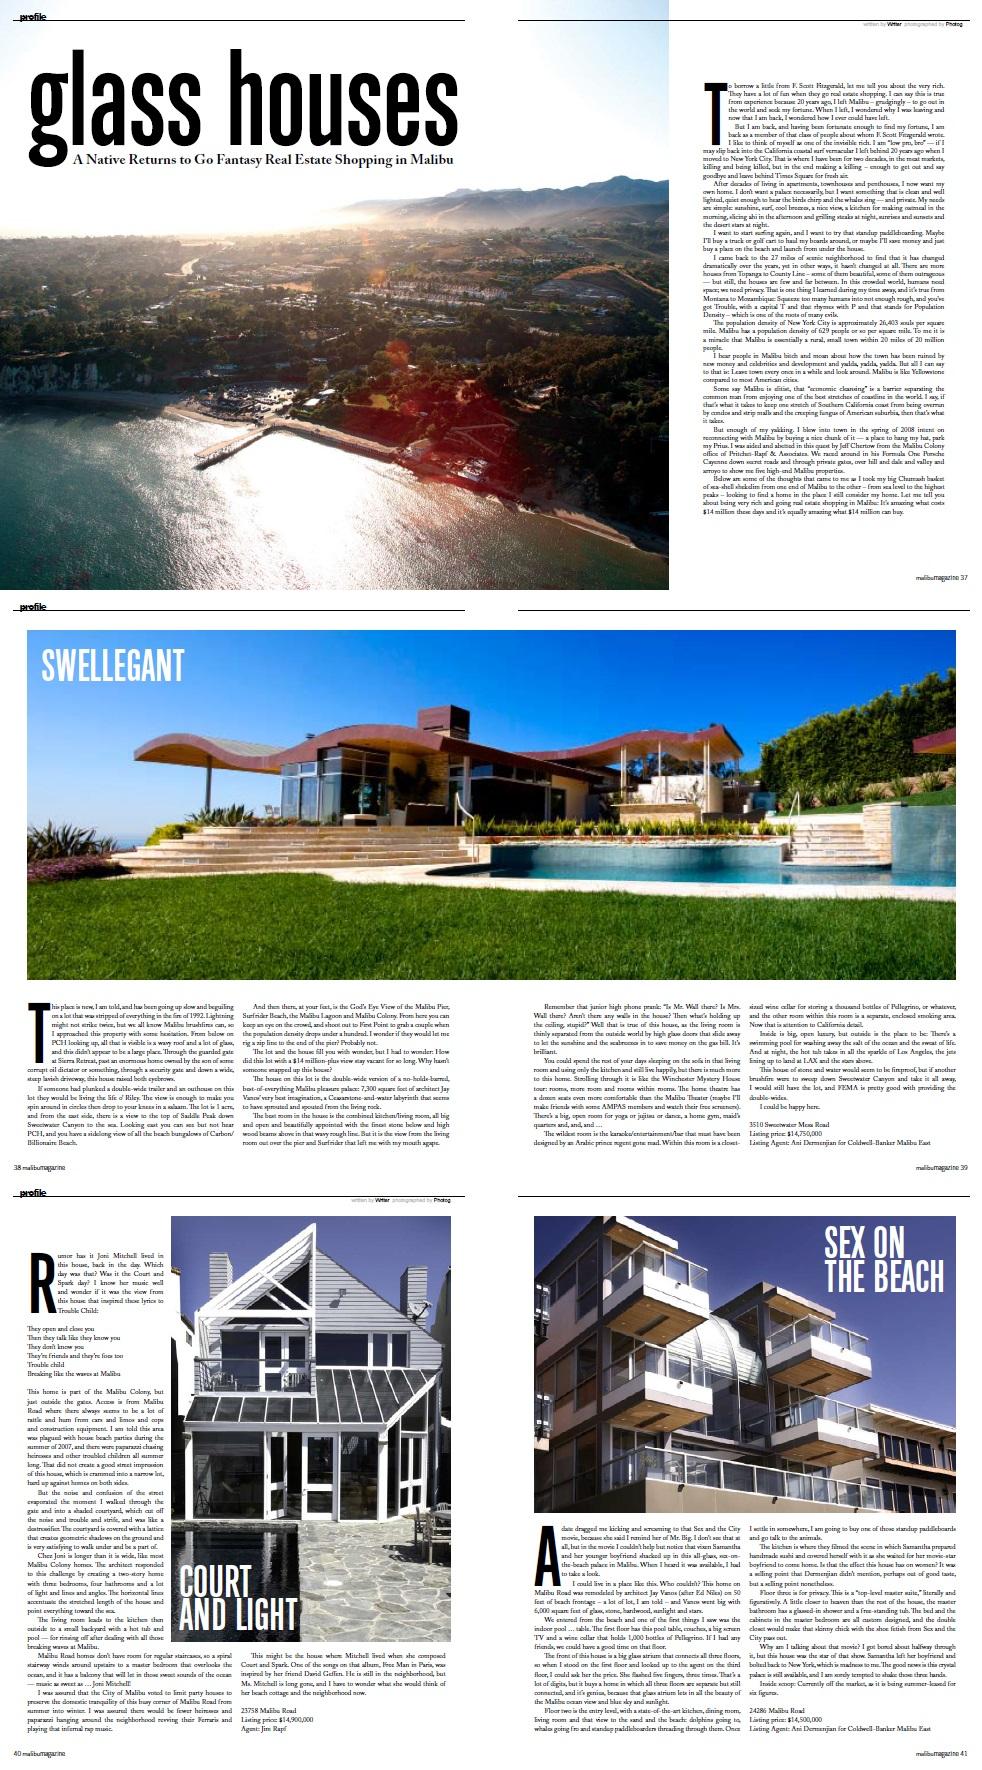 Malibu Magazine - July 2008